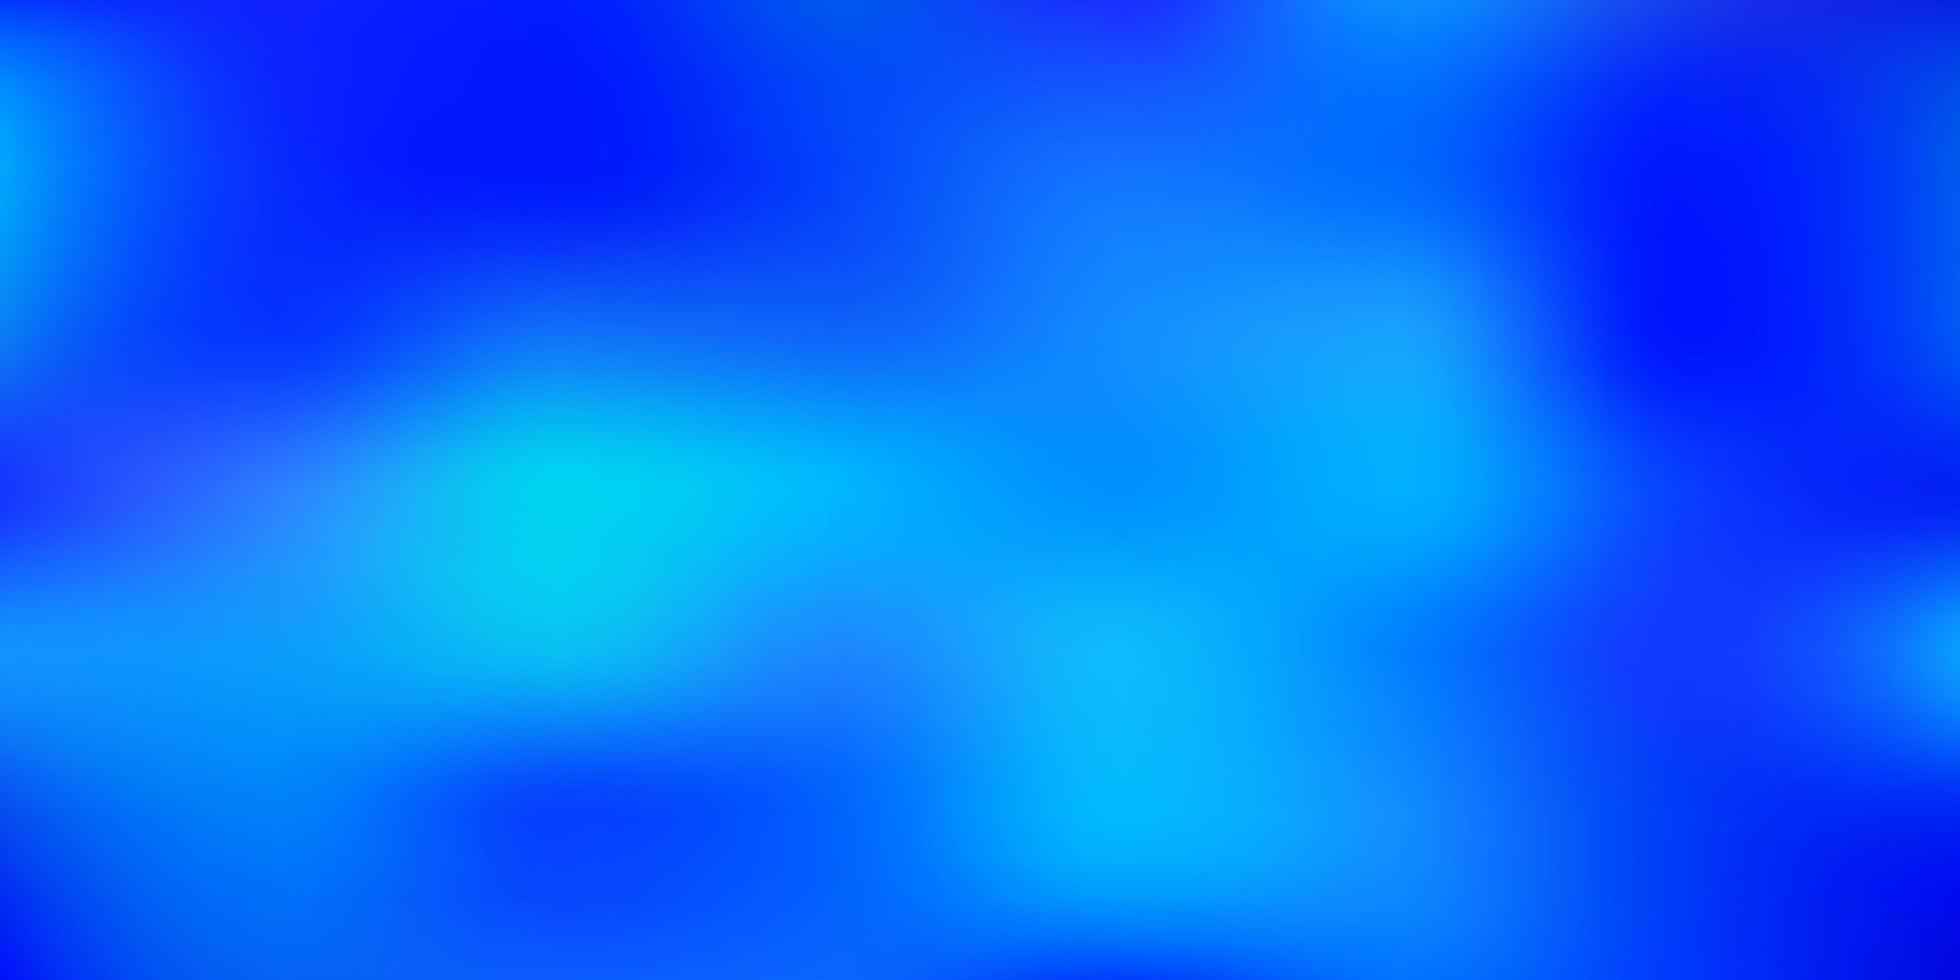 disegno di sfocatura gradiente vettoriale blu chiaro.